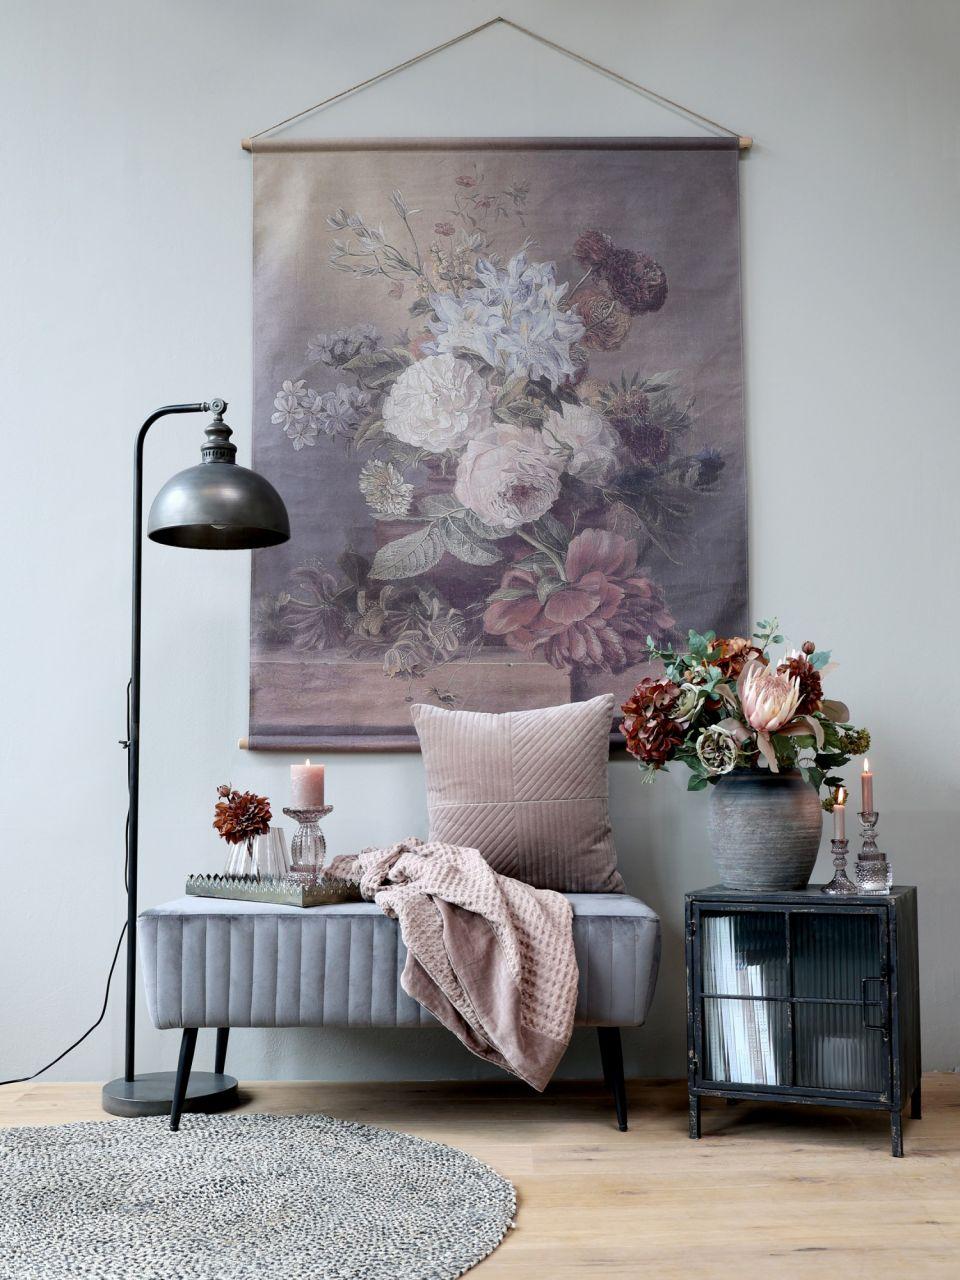 -Leinwandbild zum Aufhängen mit Blumendruck Variante 3g von Chic Antique-